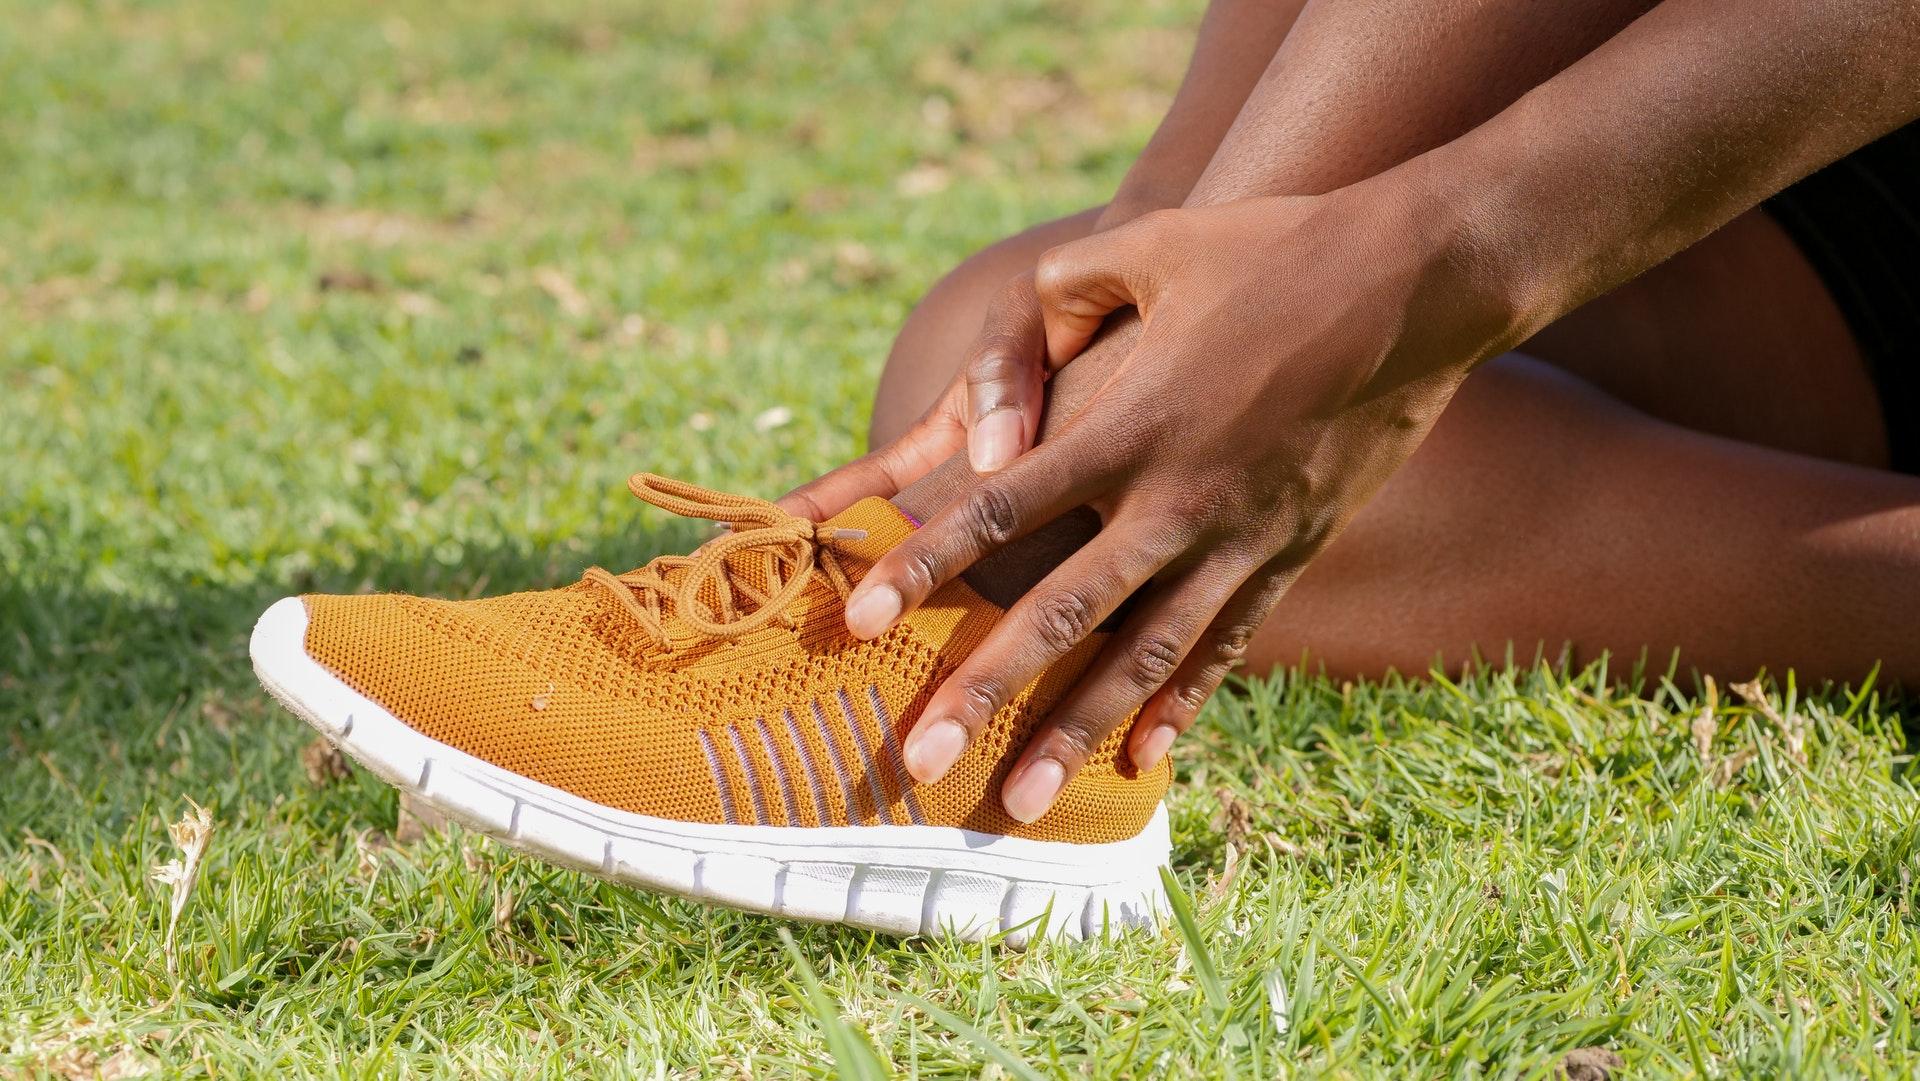 Umgeknickt schwellung fuß schmerzen keine aber Fuß umgeknickt,